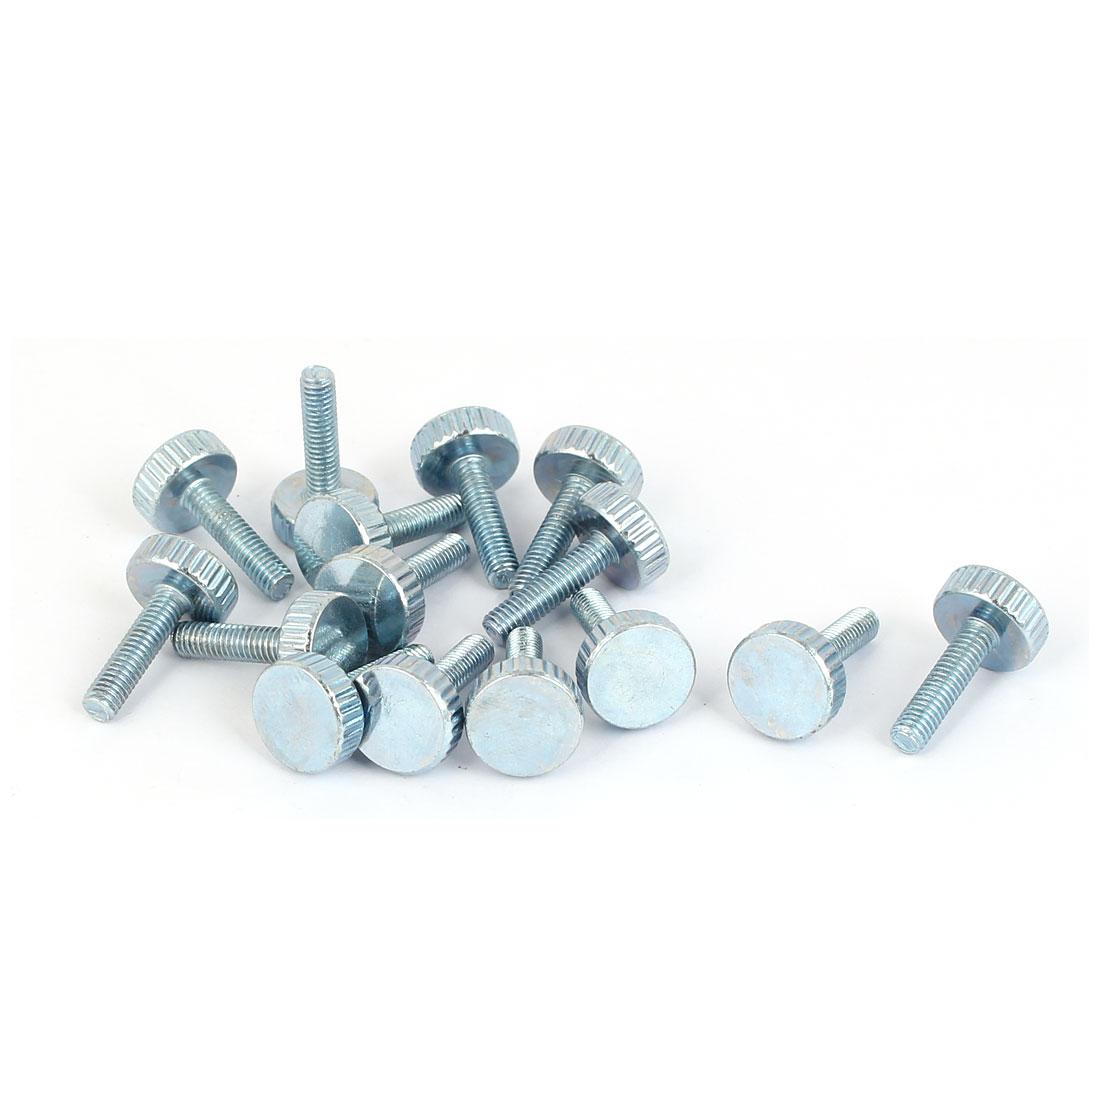 M4x16mm Thread Carbon Steel Knurled Round Head Thumb Screws Silver Blue 15pcs